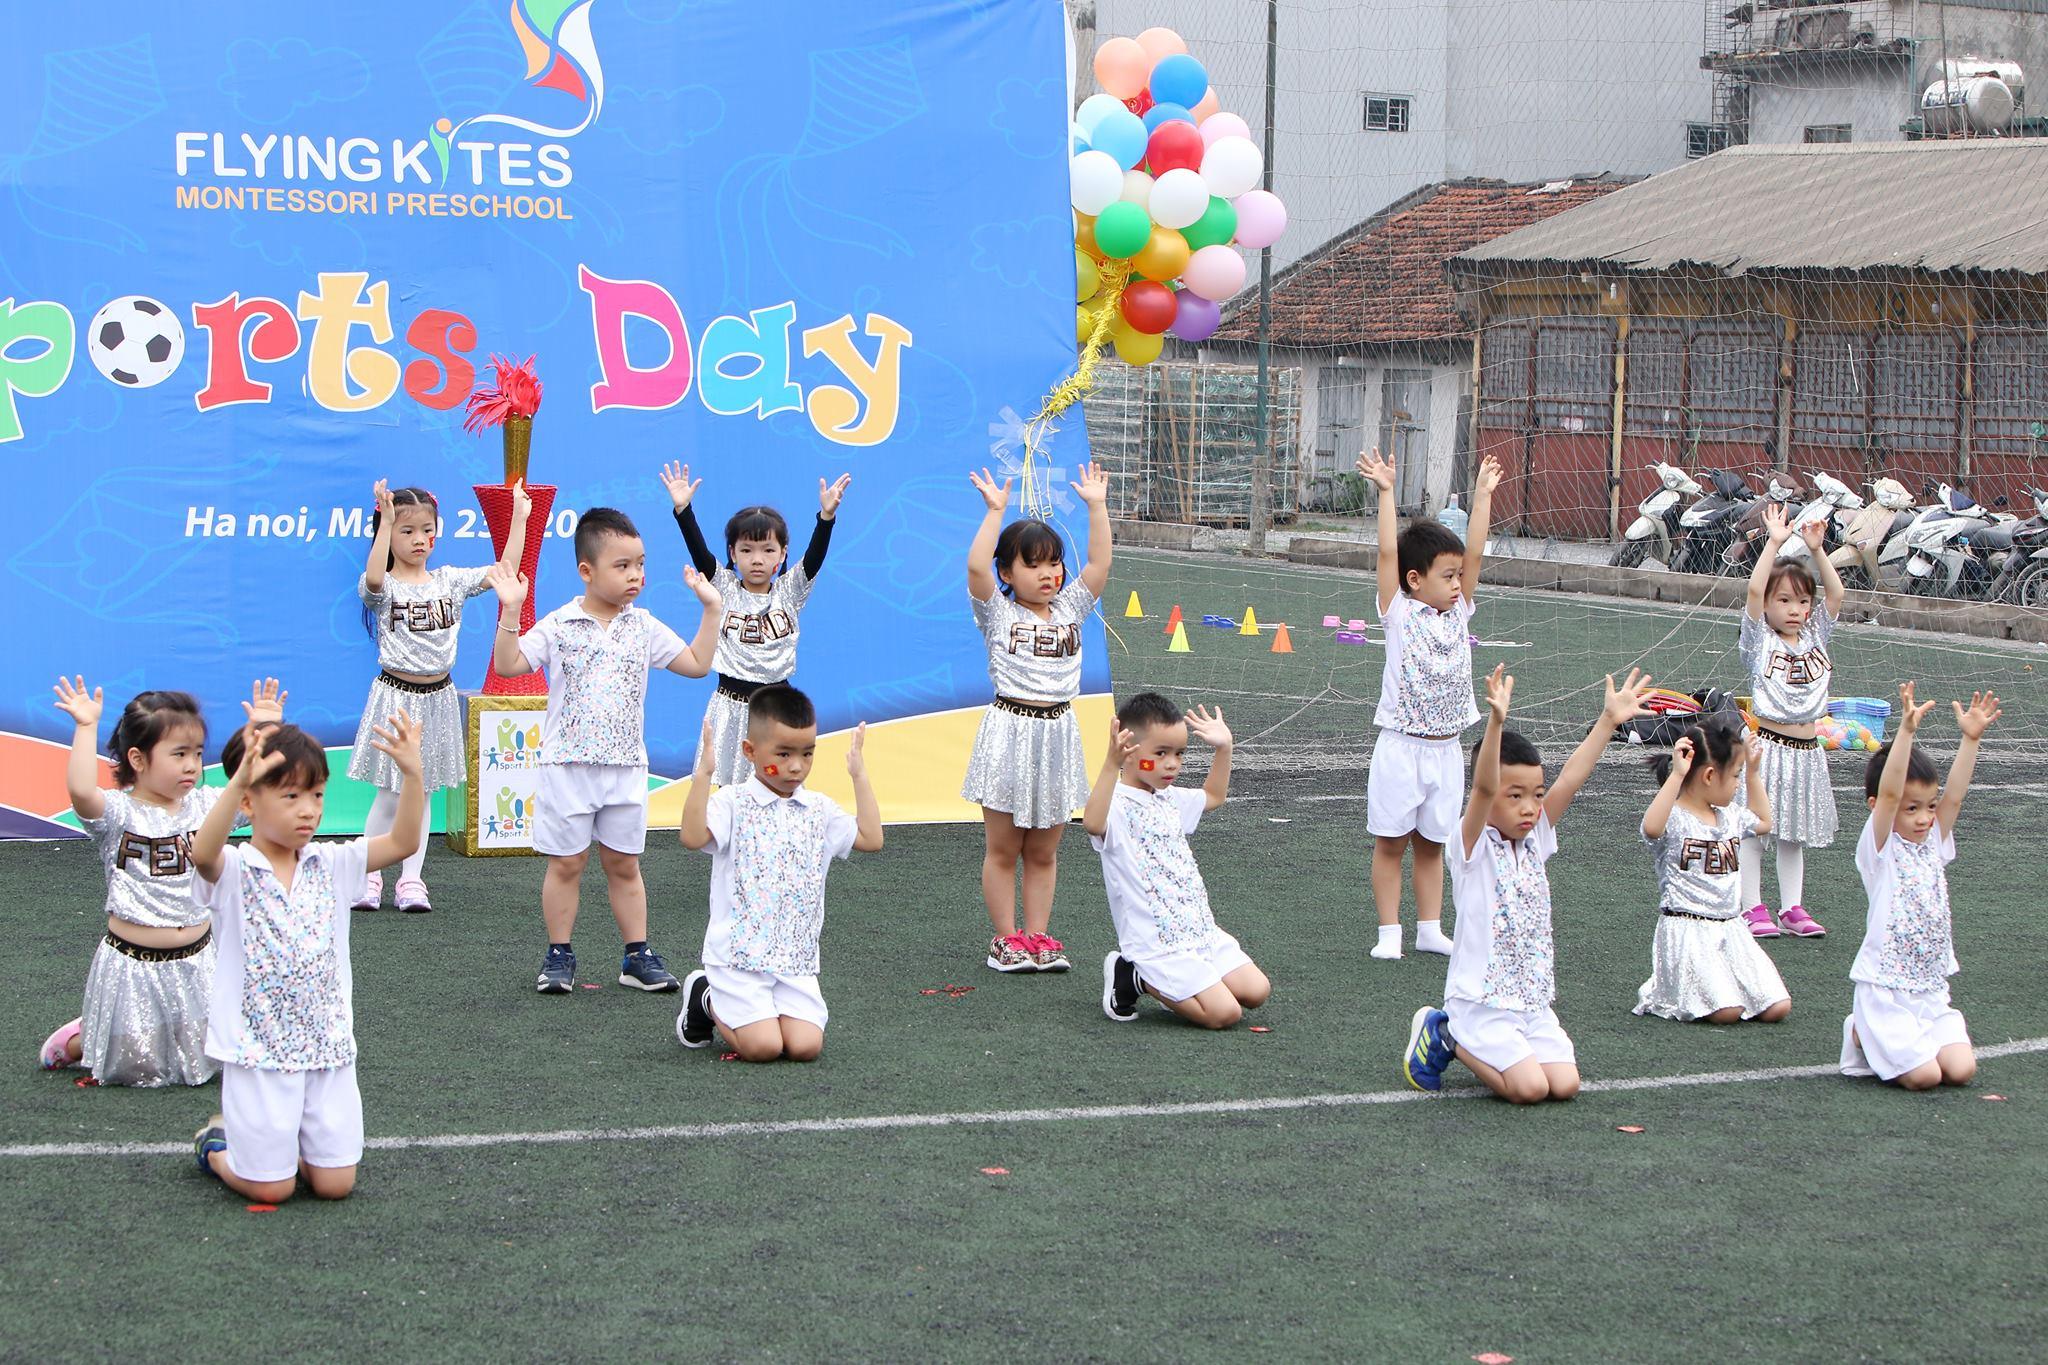 Trường mầm non Những Cánh Diều Bay (Flying Kites Montessori Preschool - Fkmontessori) - Lạc Trung